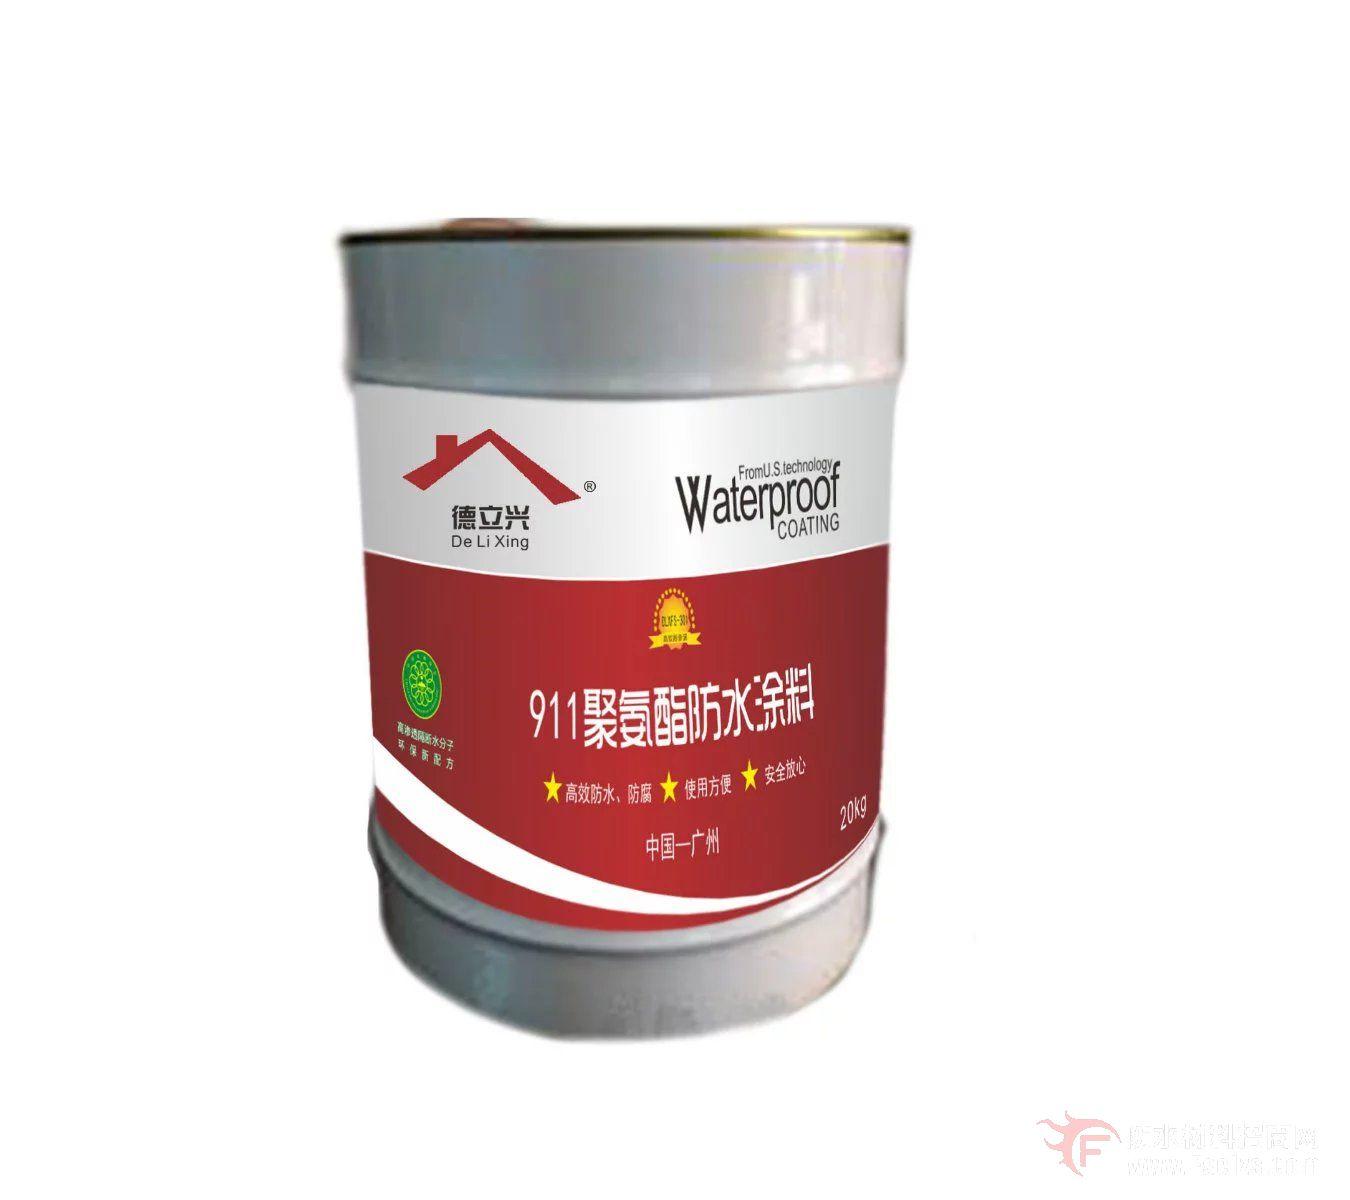 新型Sbs聚氨酯涂料替代卷材德立兴新研发